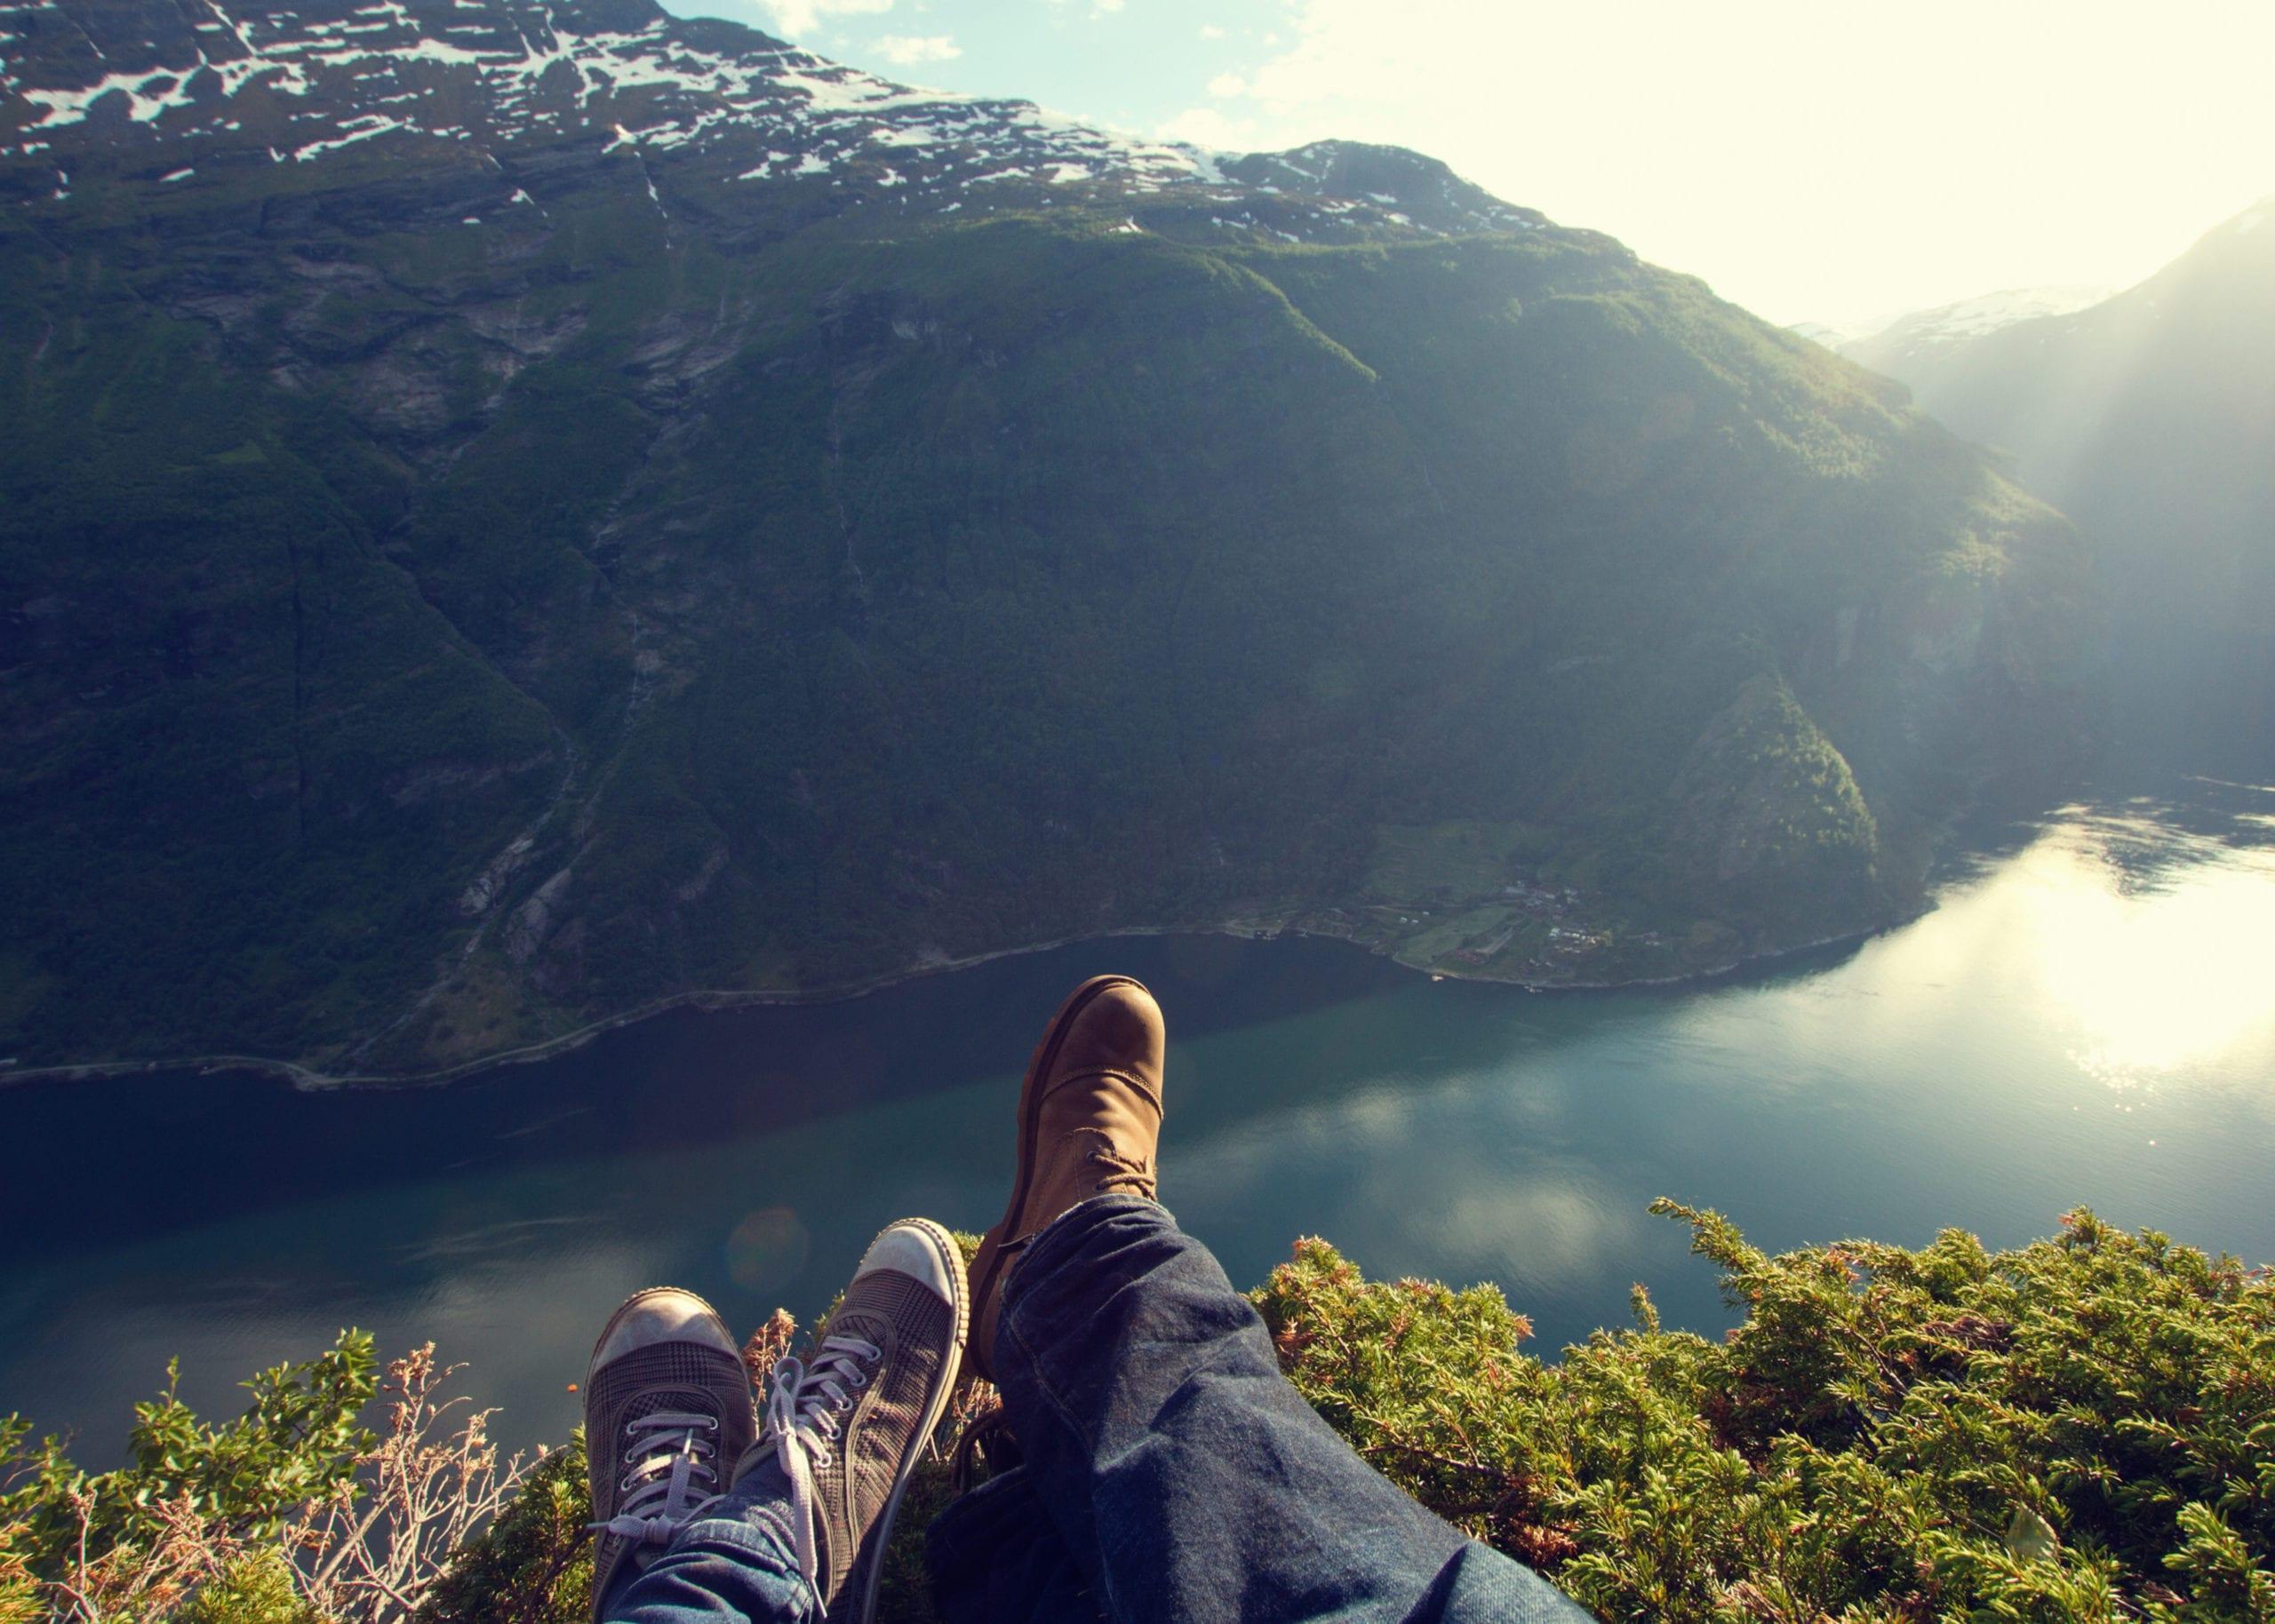 Couple enjoying the landscape